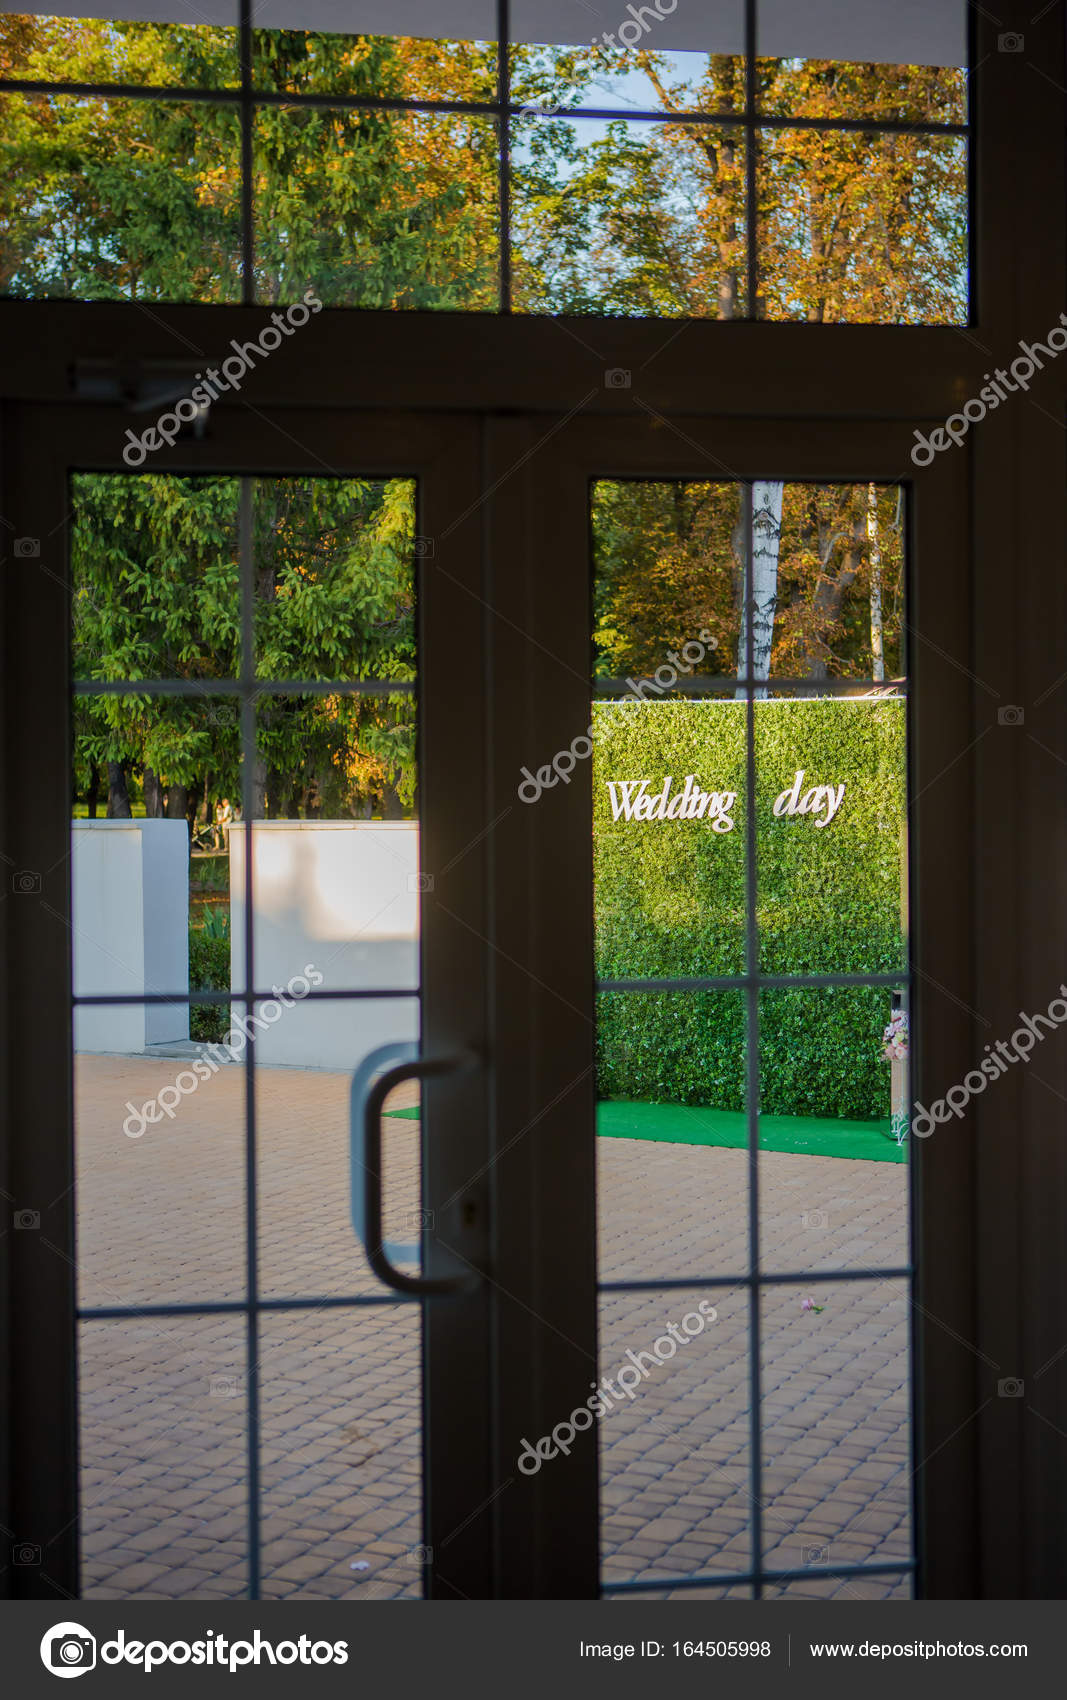 cd92405191b7 Accessori Sposa– immagine stock. Registrazione della cerimonia nuziale  vista dalla finestra. Targa di legno con la scritta